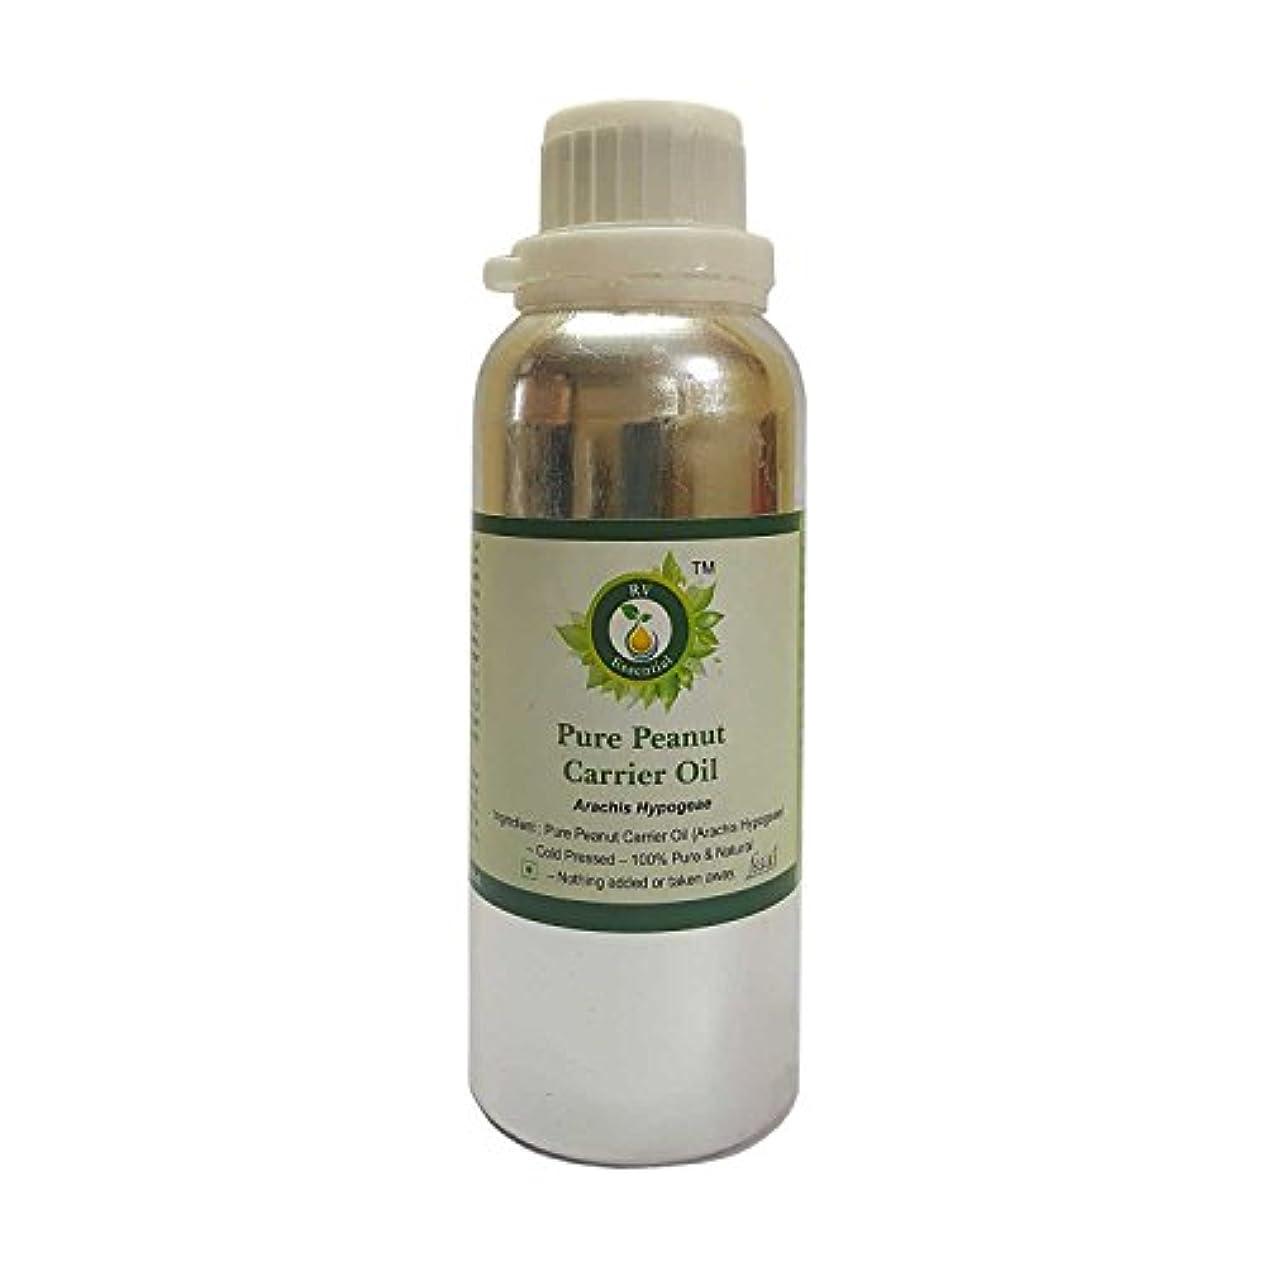 加速する著名な神学校R V Essential 純粋なピーナッツキャリアオイル1250ml (42oz)- Arachis Hypogeae (100%ピュア&ナチュラルコールドPressed) Pure Peanut Carrier Oil